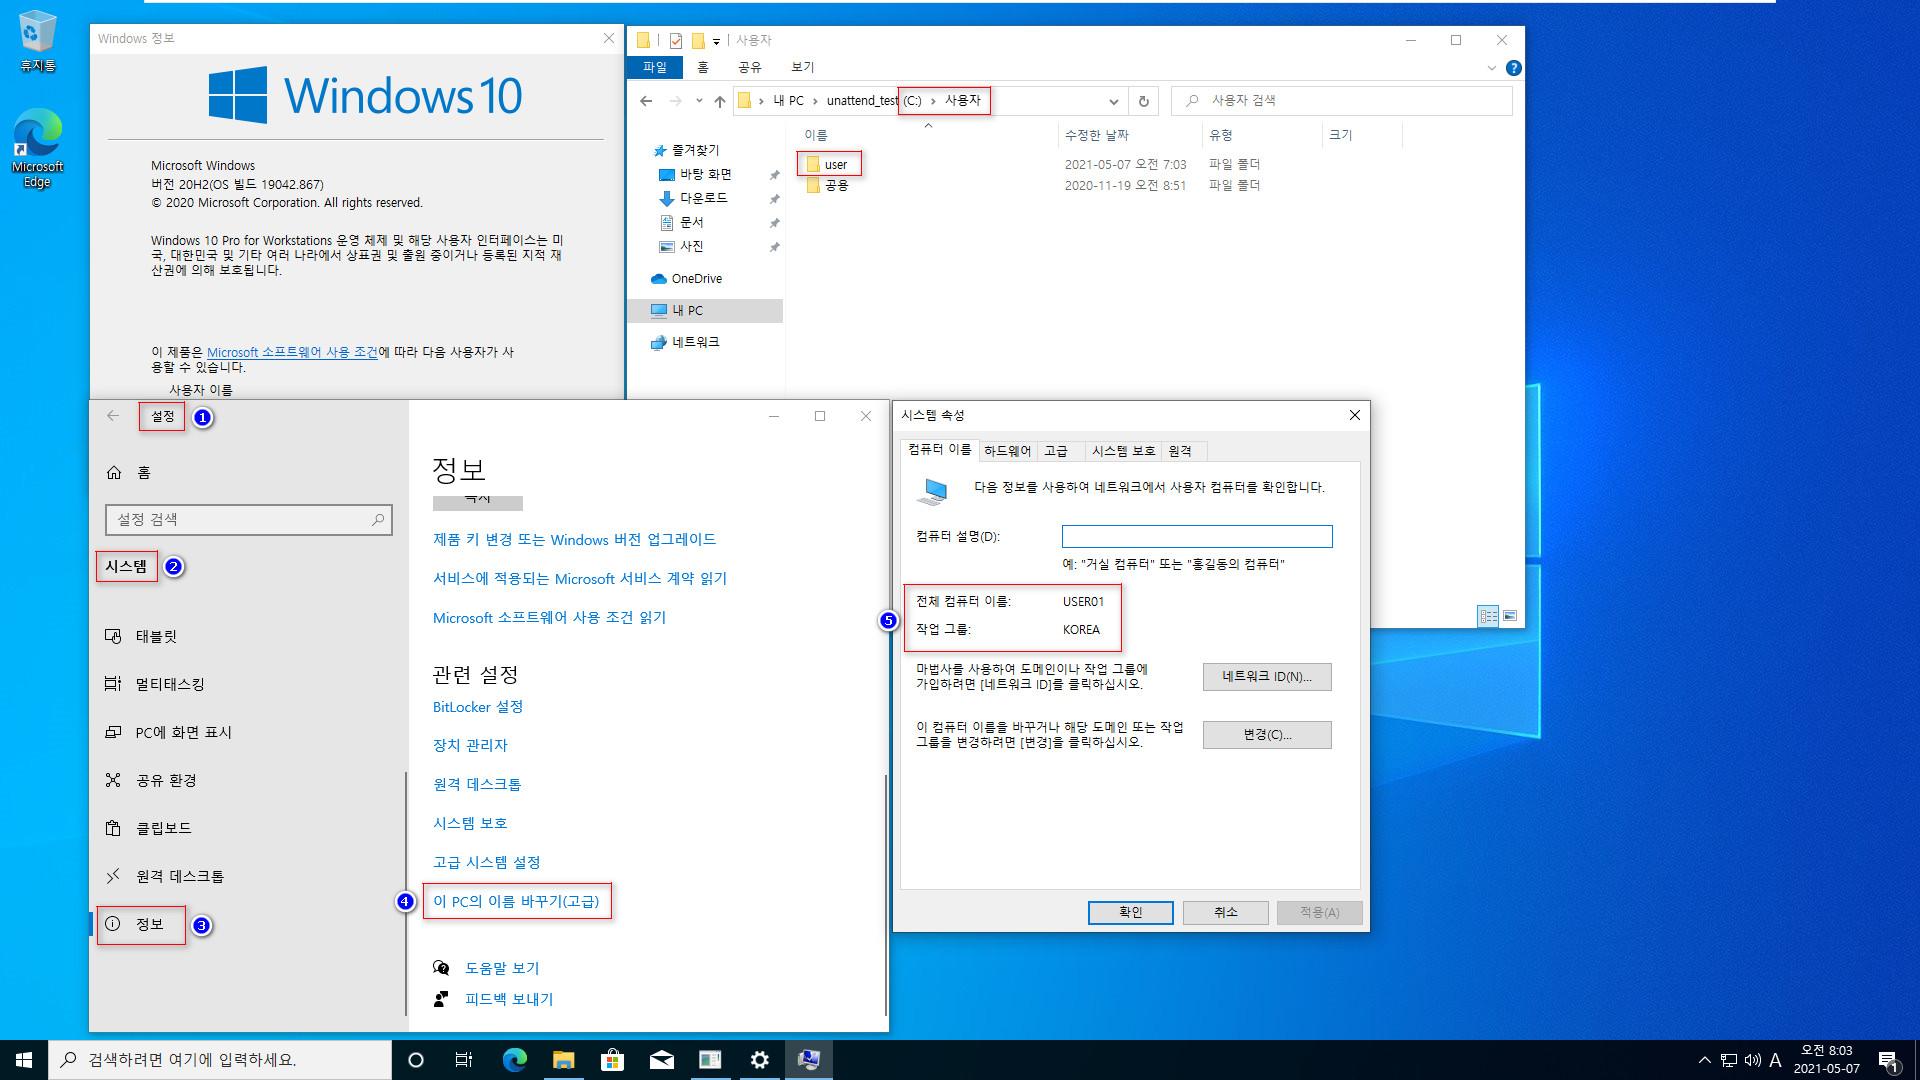 unattend-컴퓨터이름+작업그룹명.xml으로 윈도우 10 버전 20H2 무인 설치 성공 - 스샷만 다시 함 2021-05-07_080329.jpg